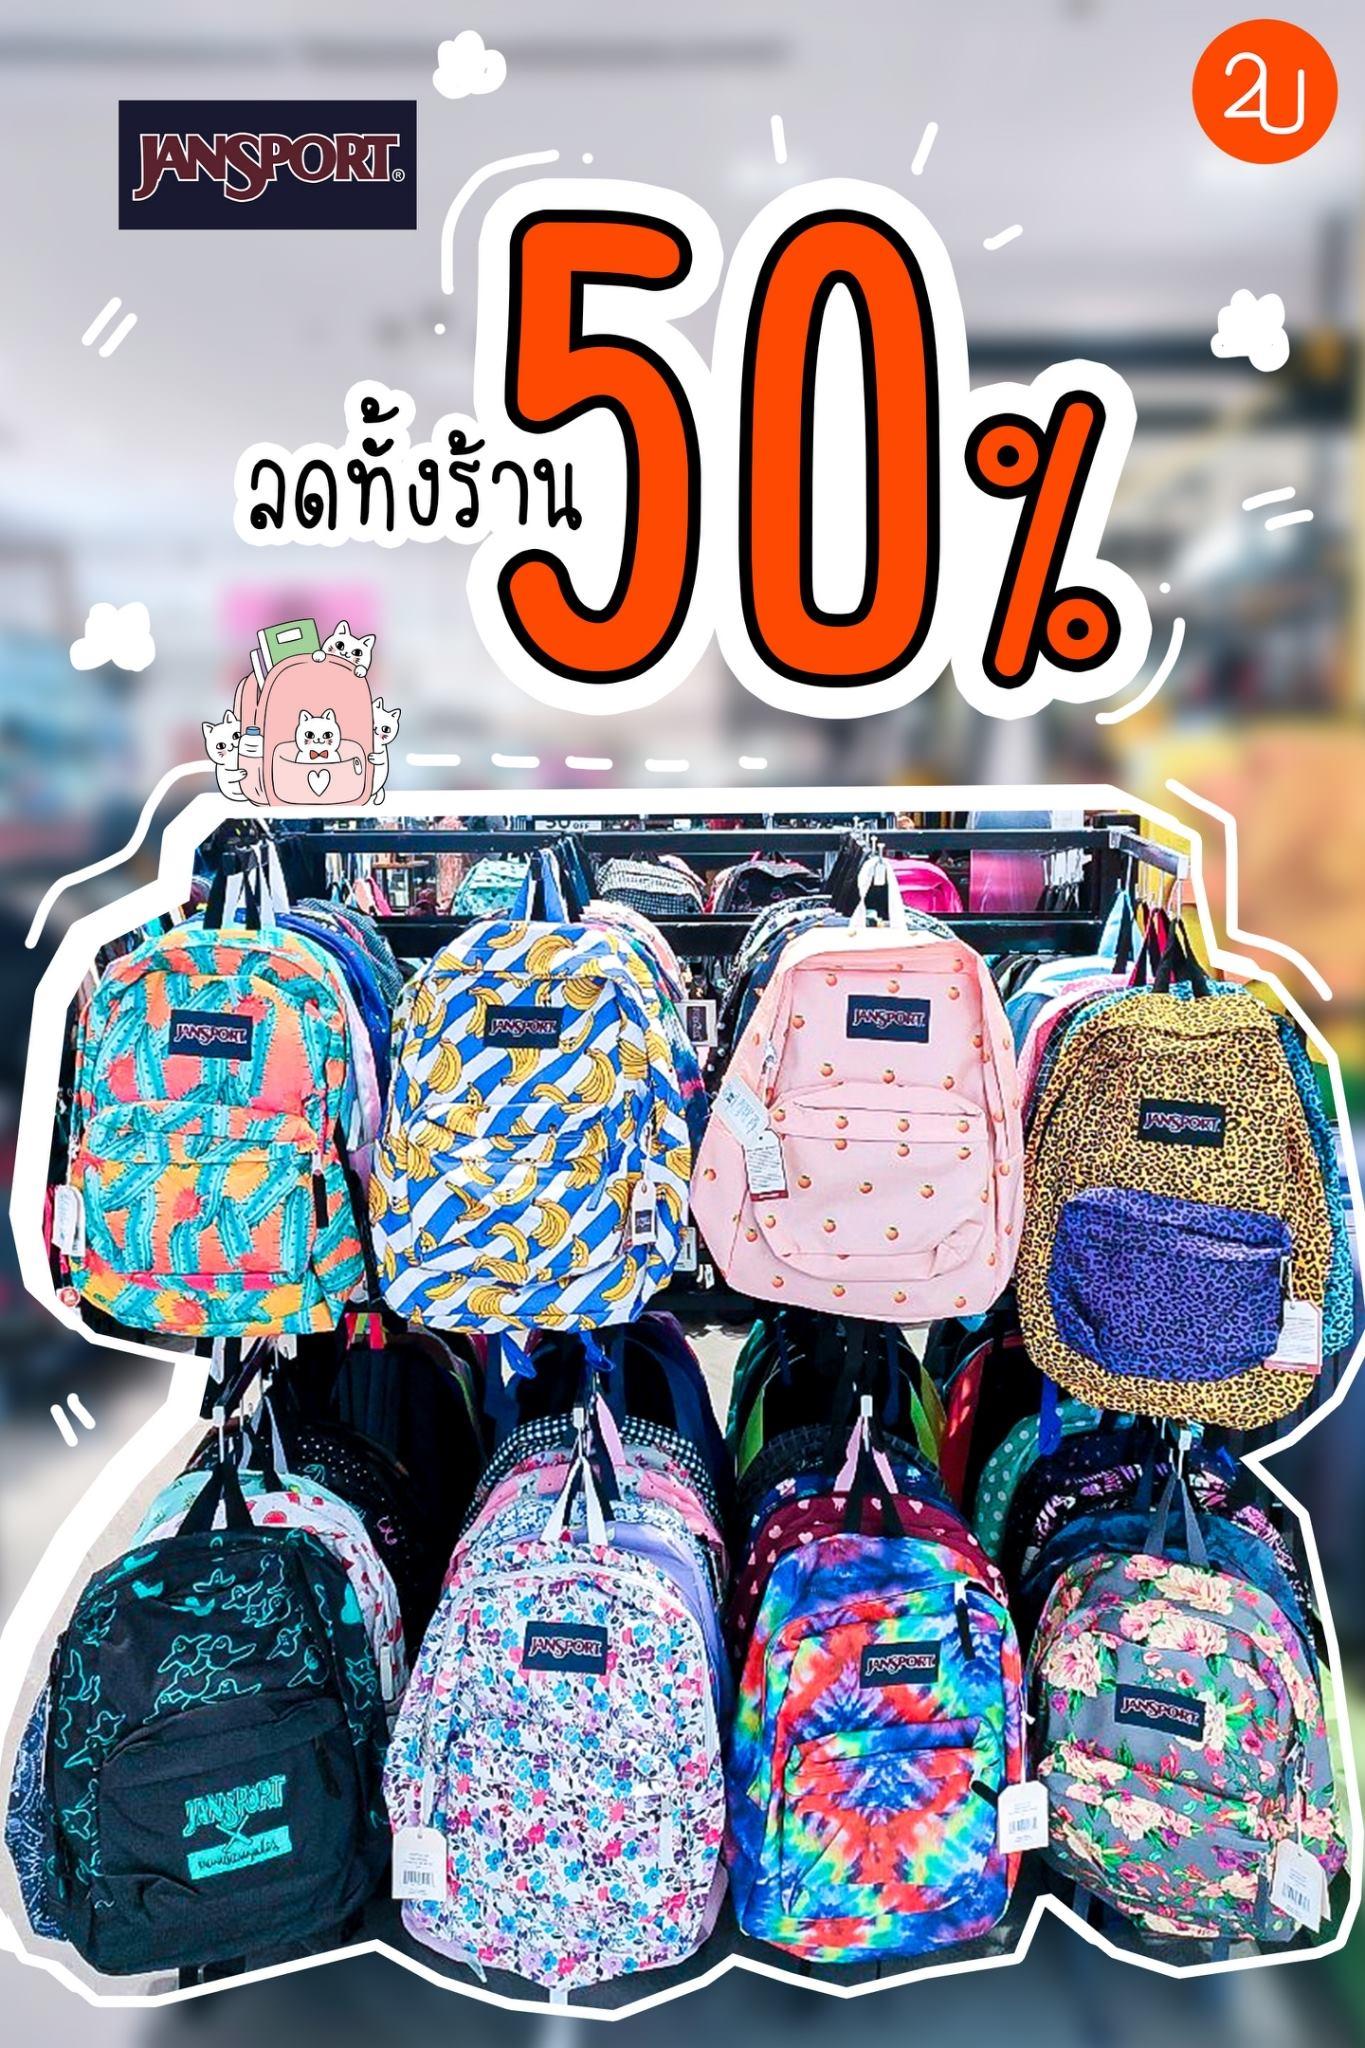 Promotion Jansport Bag 50% (20)